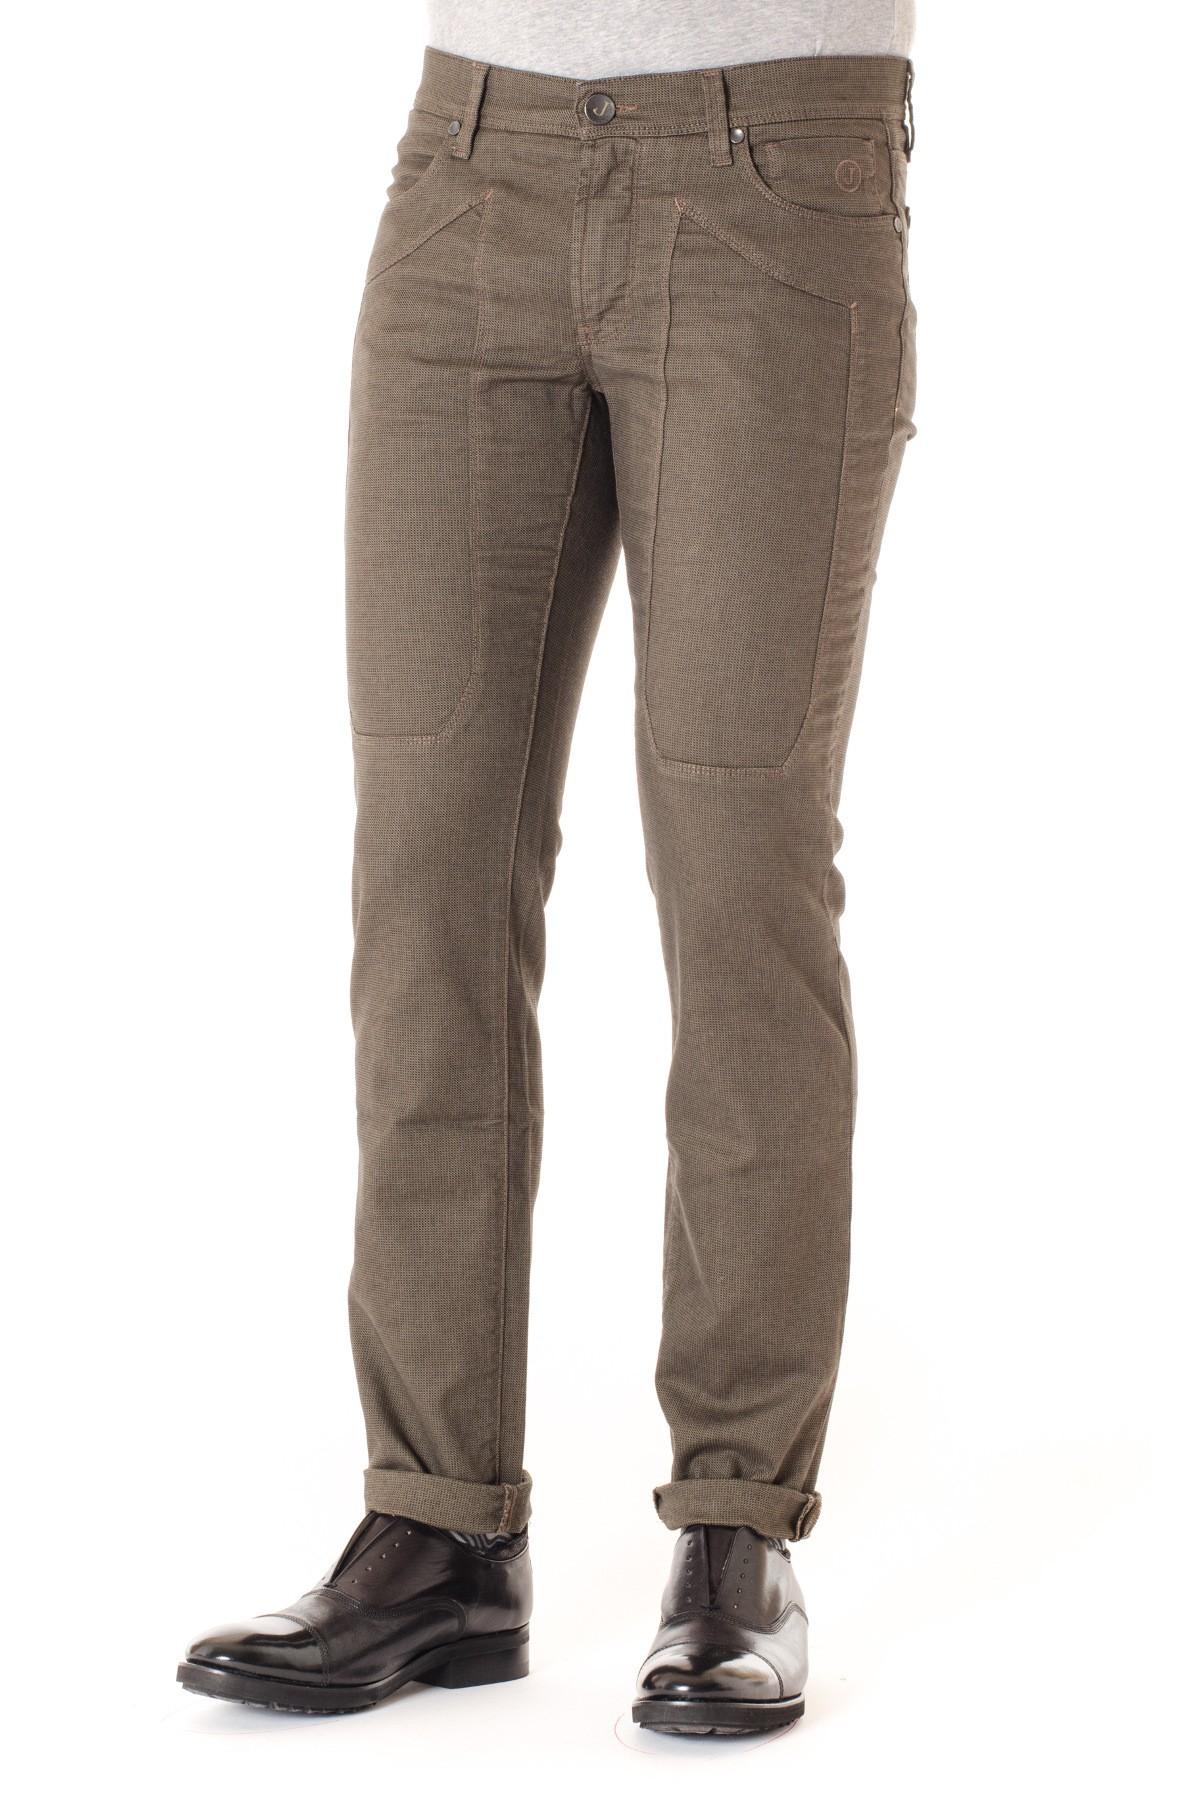 Super JECKERSON Pantaloni uomo slim fit A/I 16-17 marrone - Rione Fontana WL85